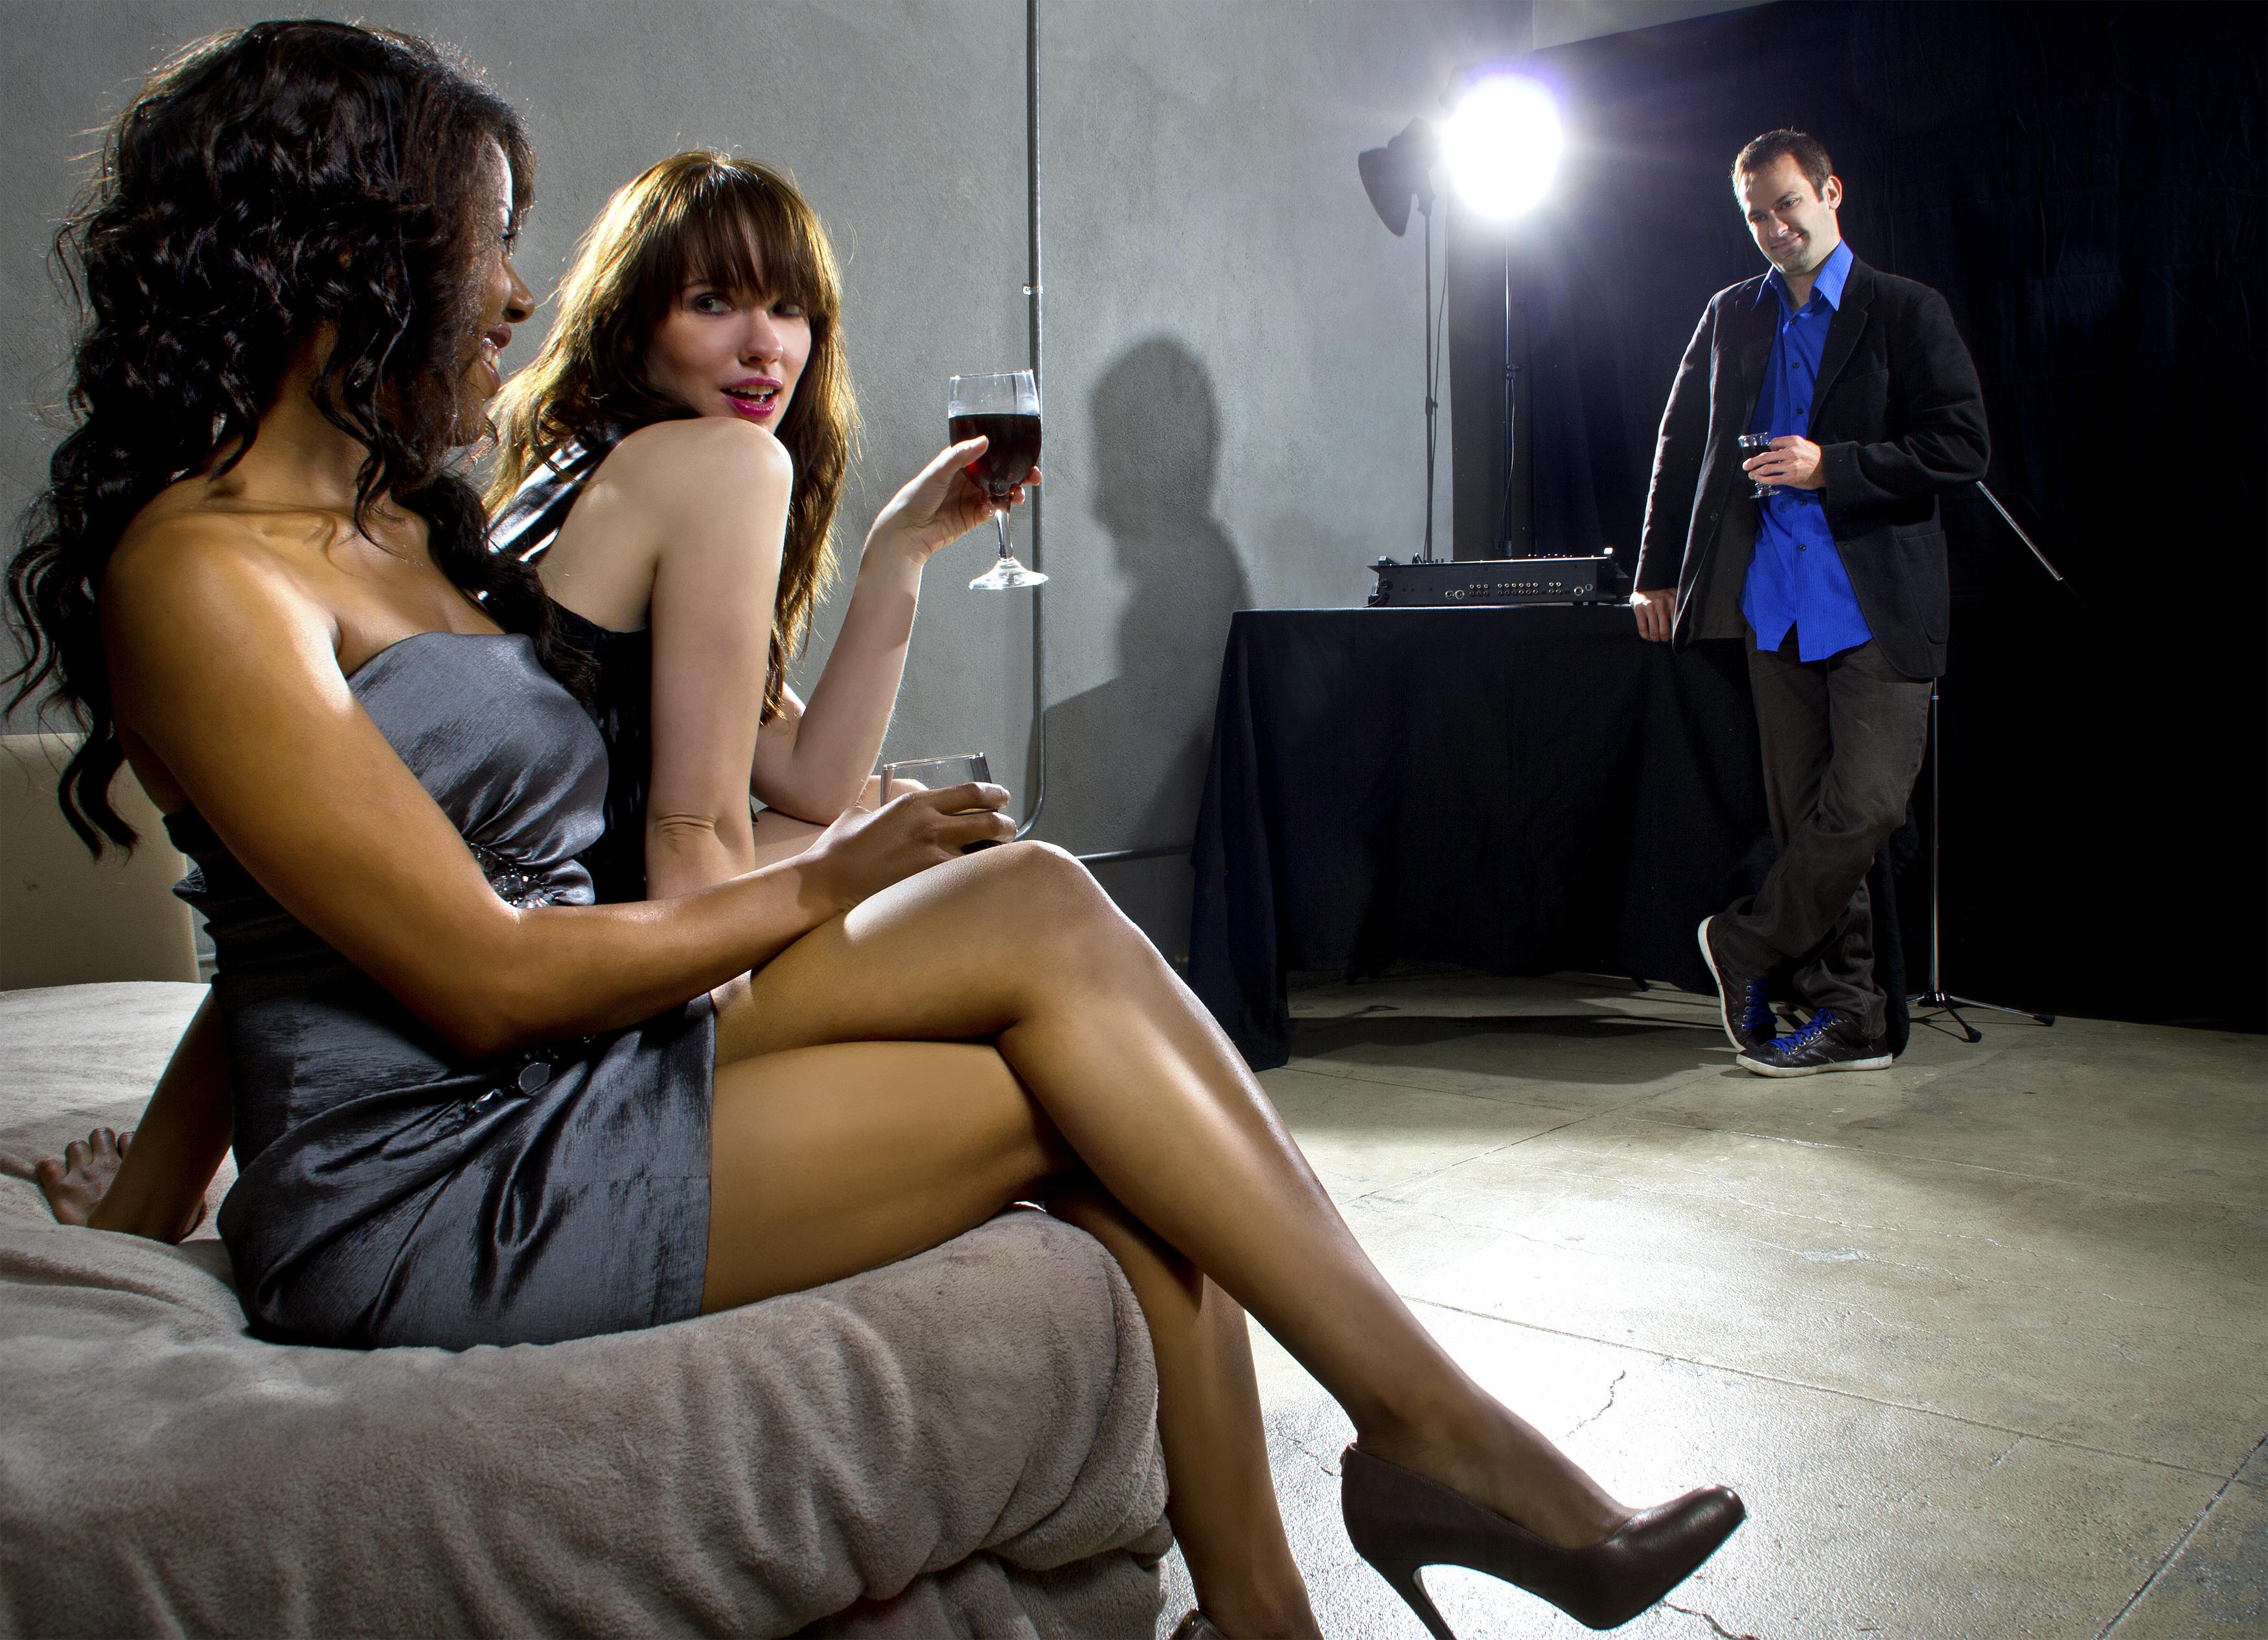 ázsiai tranny pornó videó